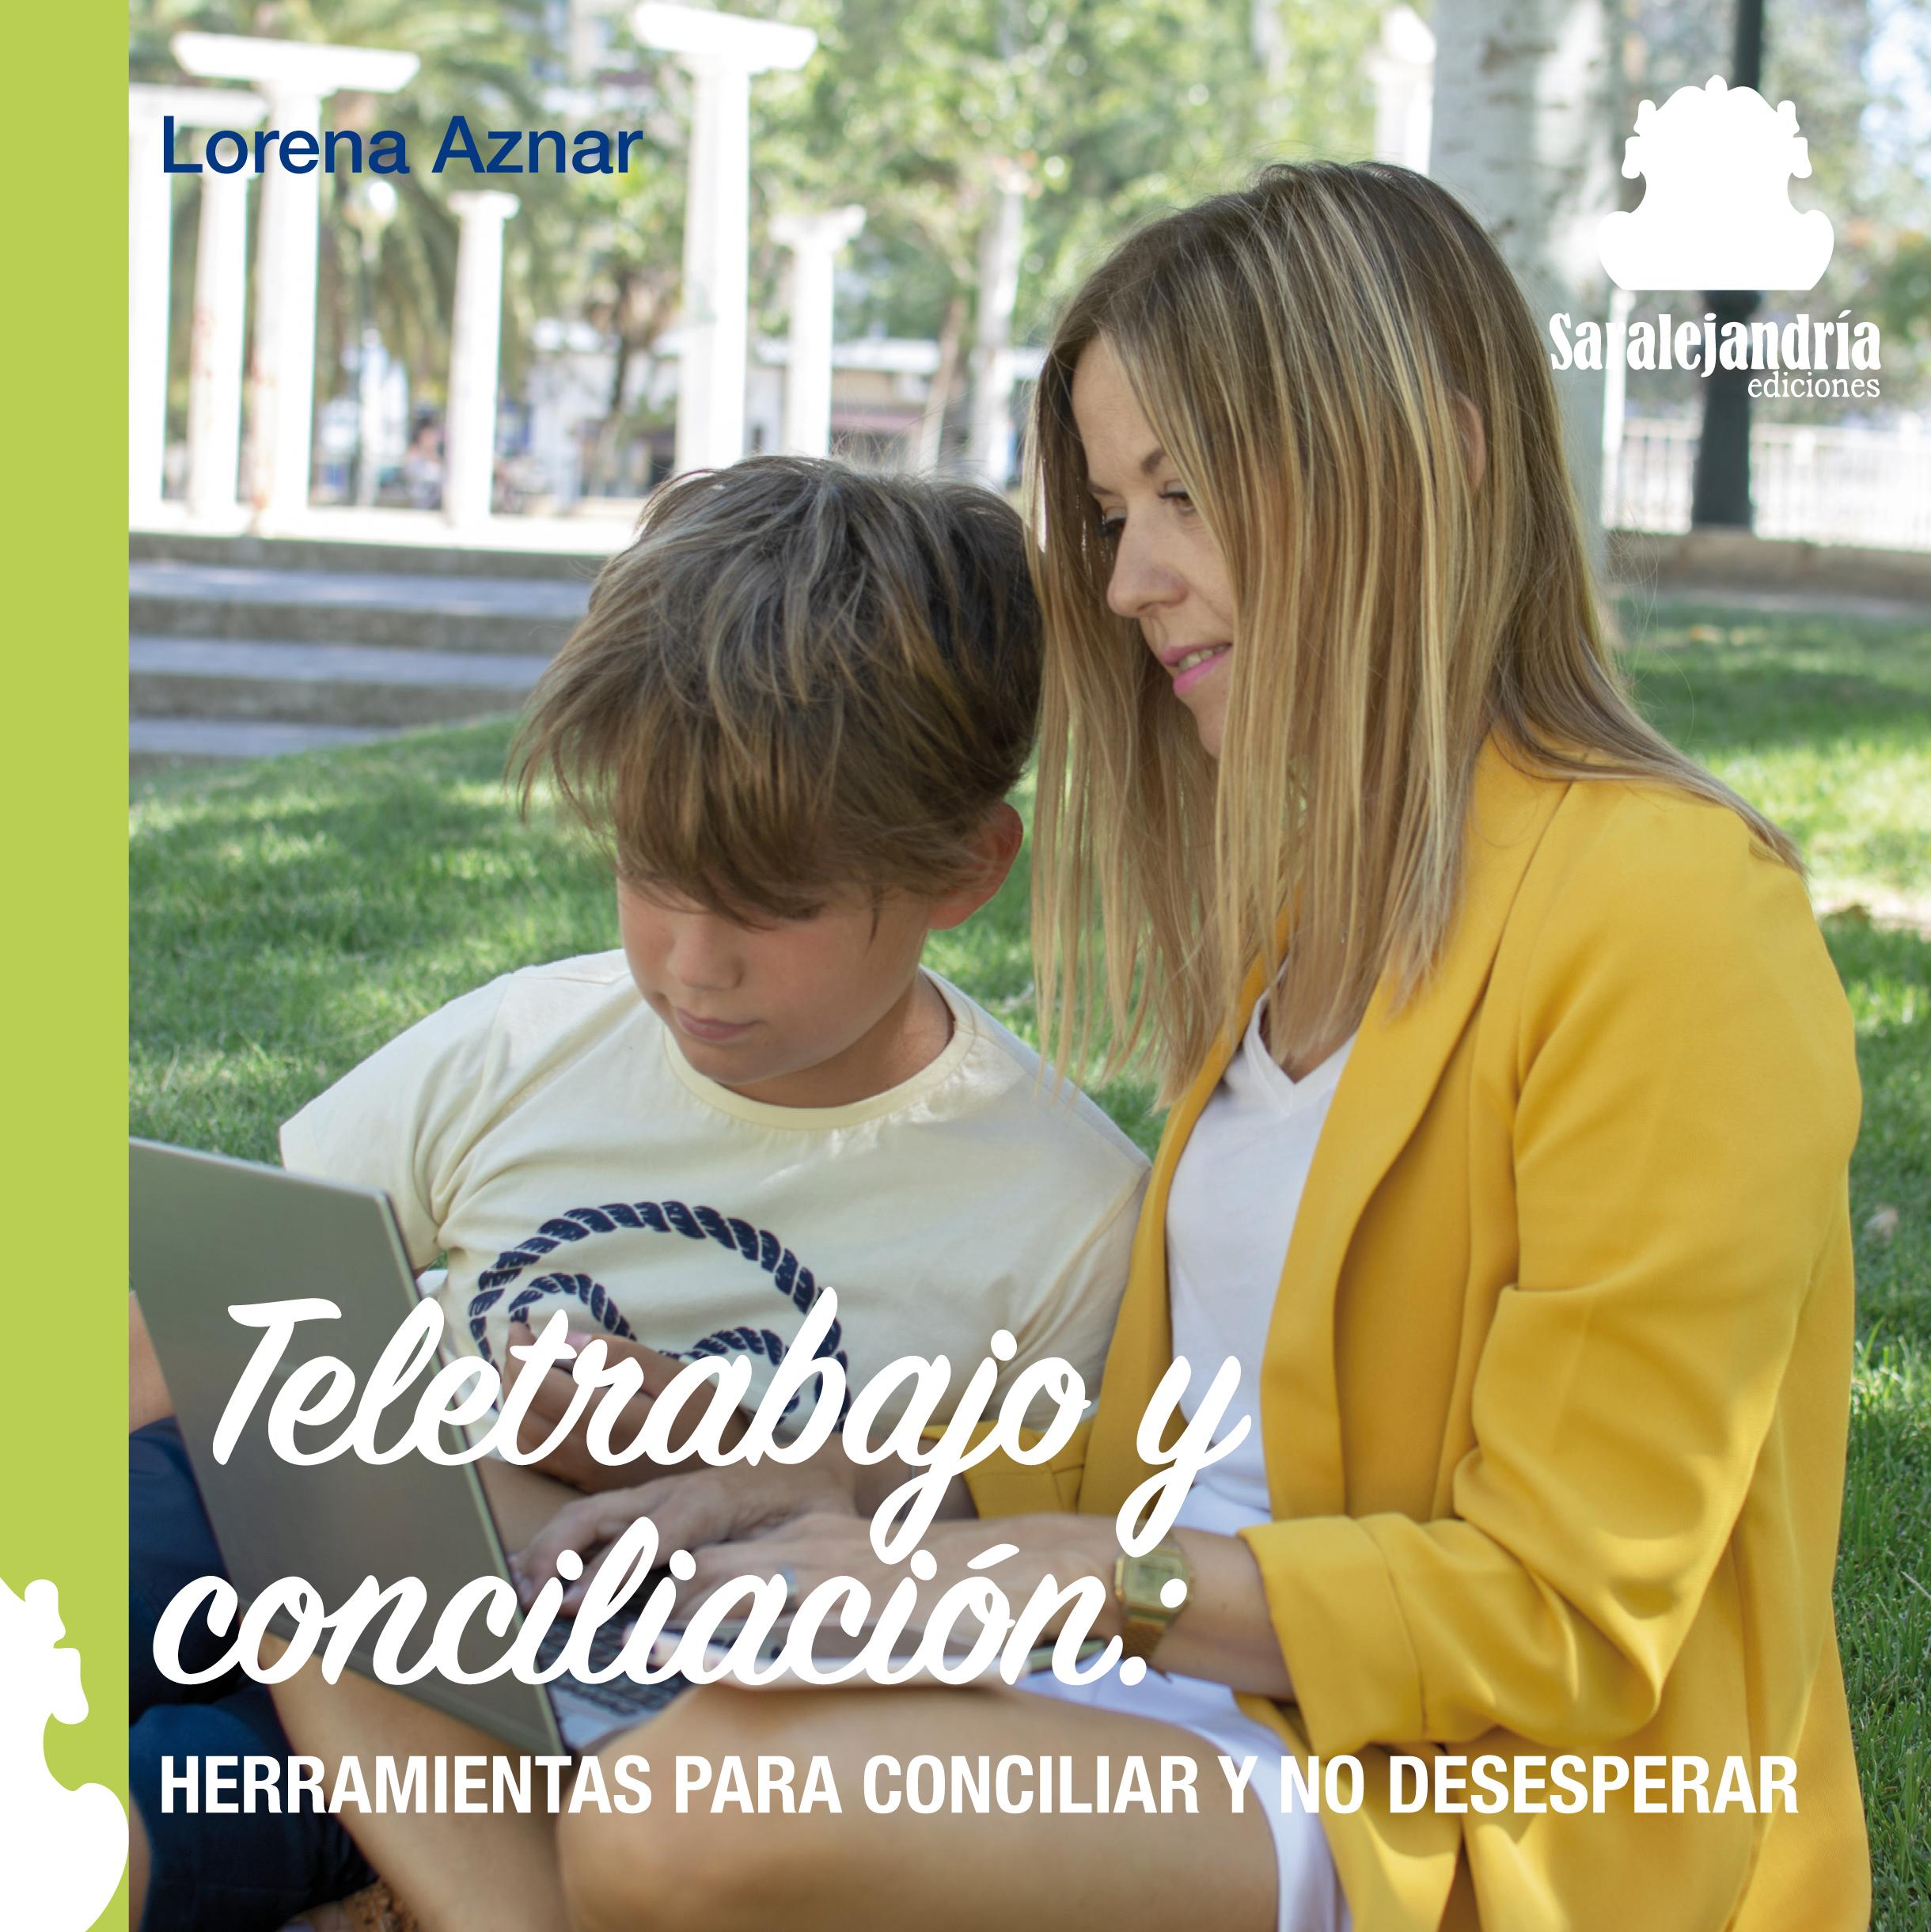 Teletrabajo y conciliación: HERRAMIENTAS PARA NO DESESPERAR